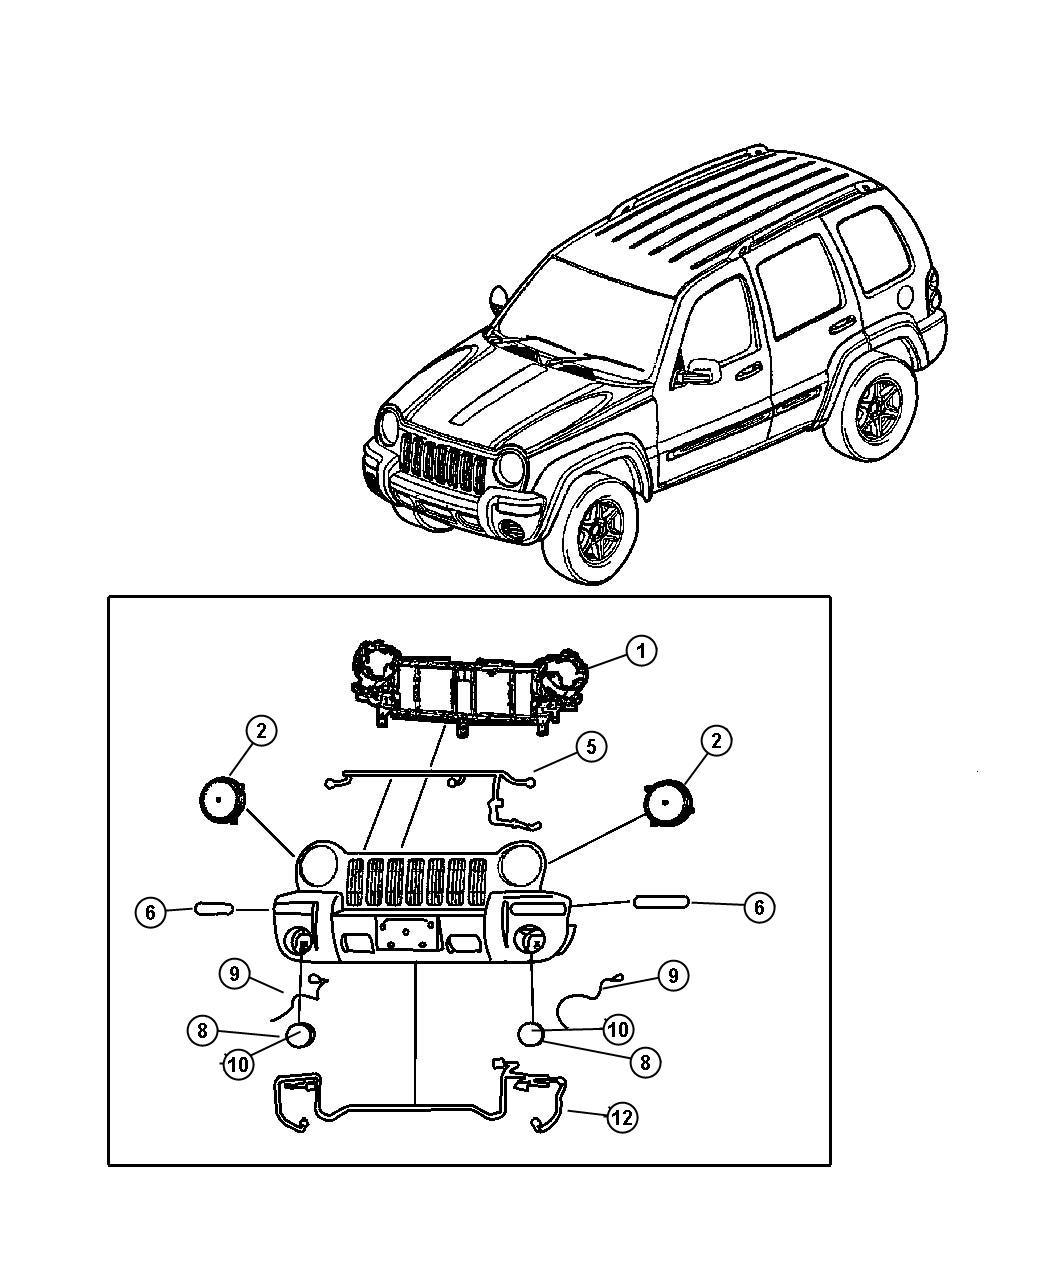 A Fog Lights Wiring Diagram